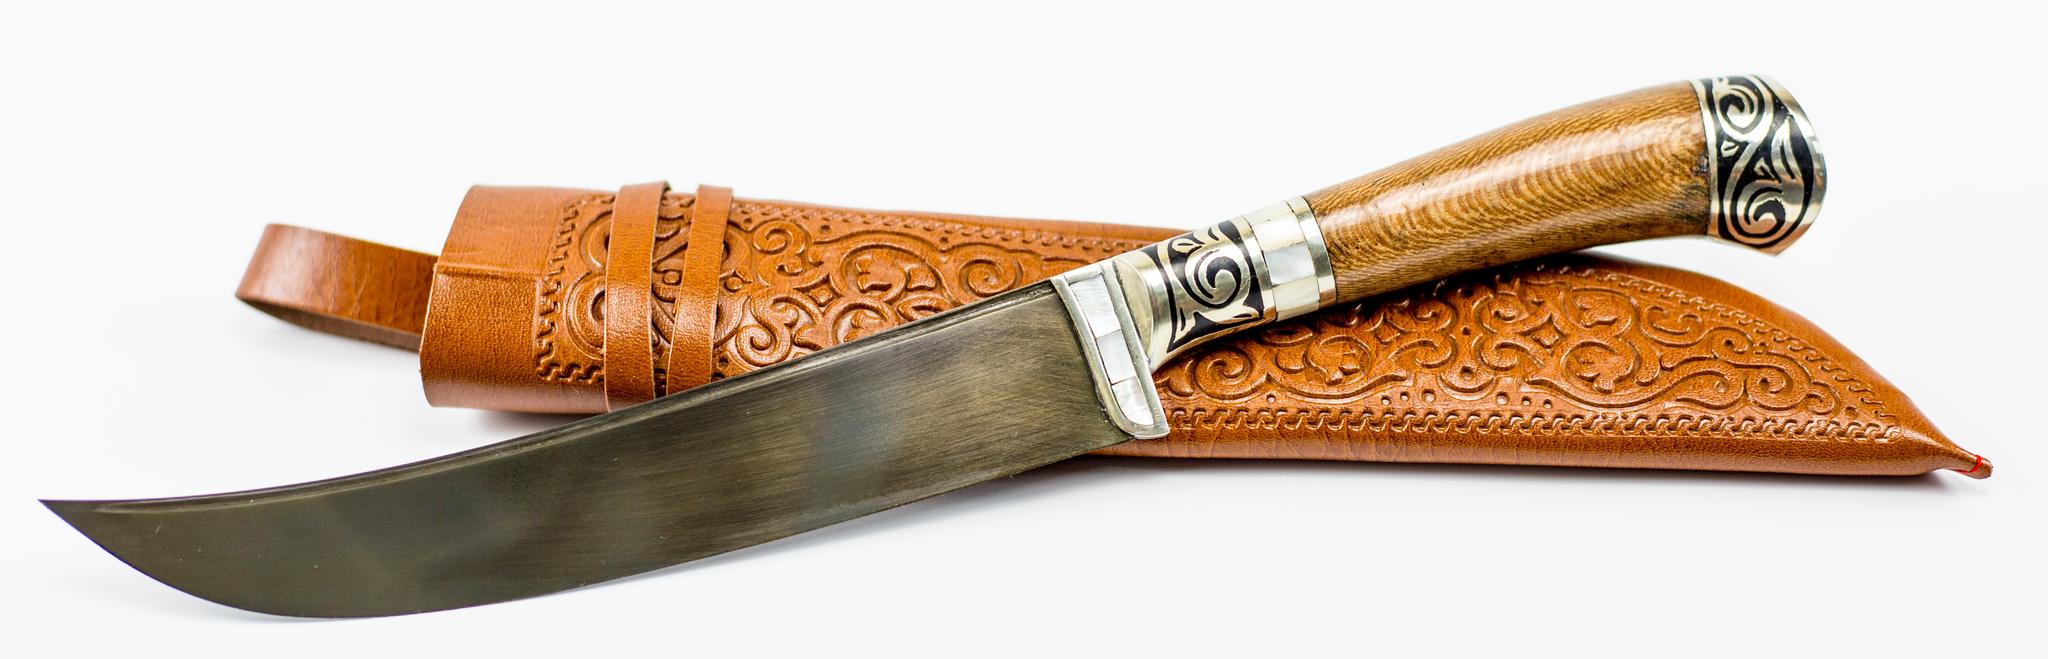 Узбекский нож пчак ШиринУзбекские ножи Пчак<br><br>